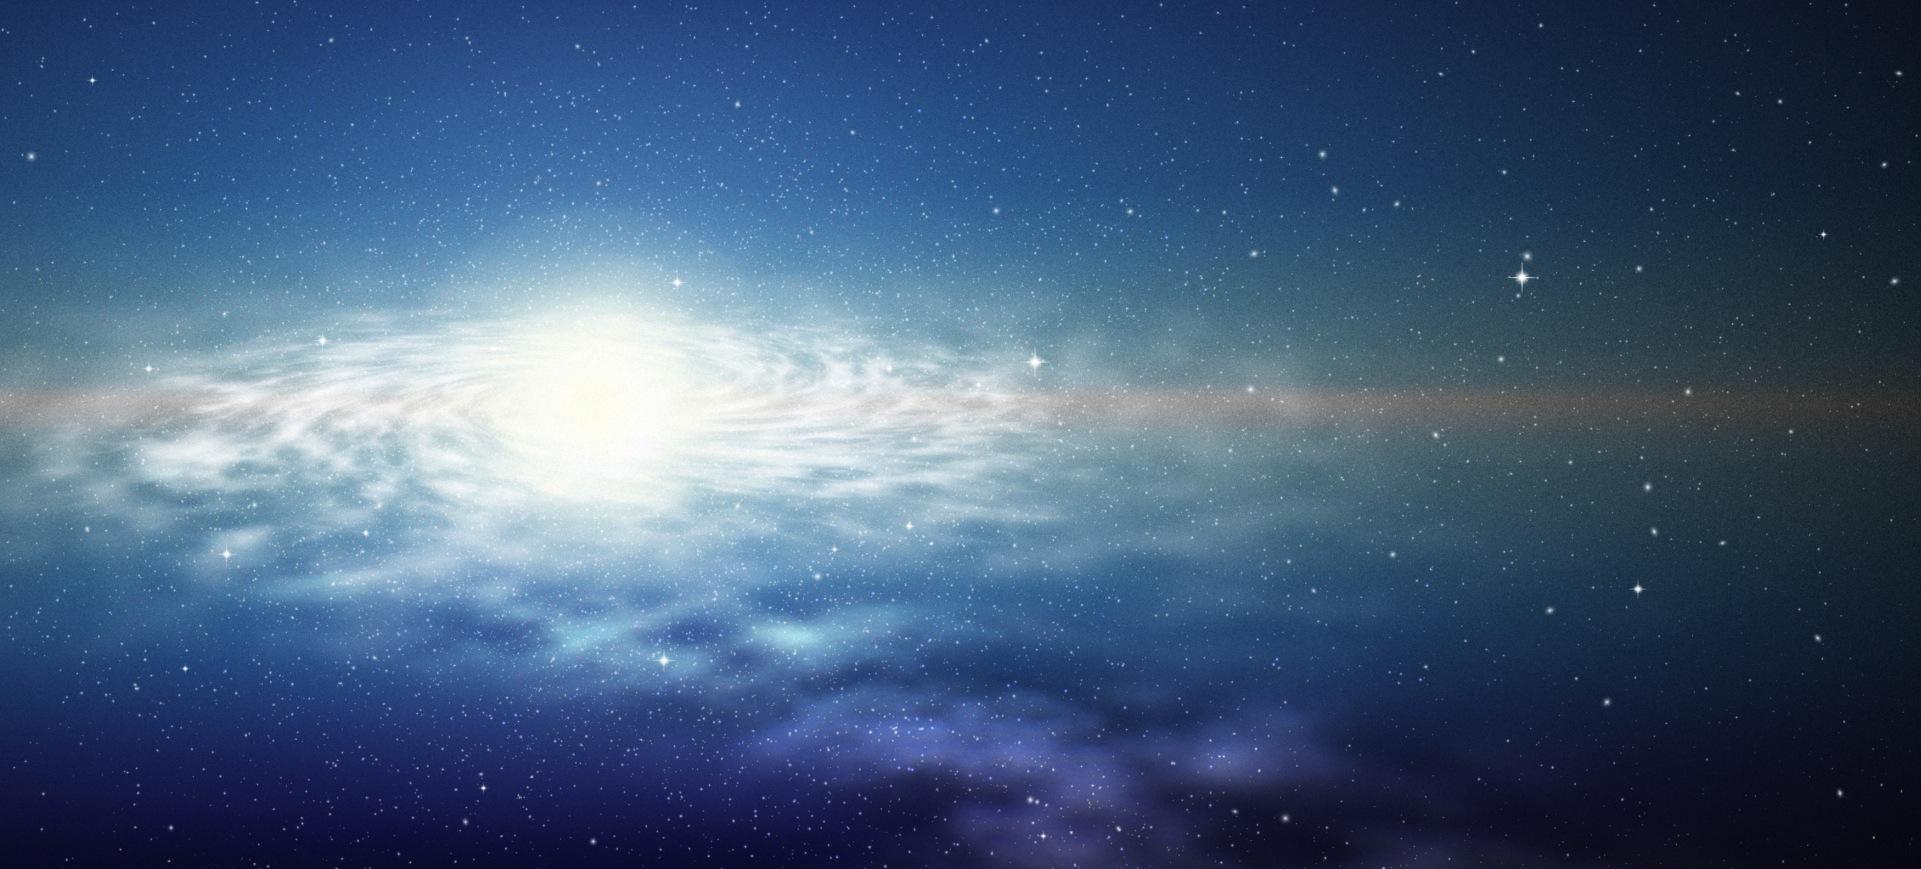 Facebook Acquires Team Behind Mobile Game Engine Spaceport.io